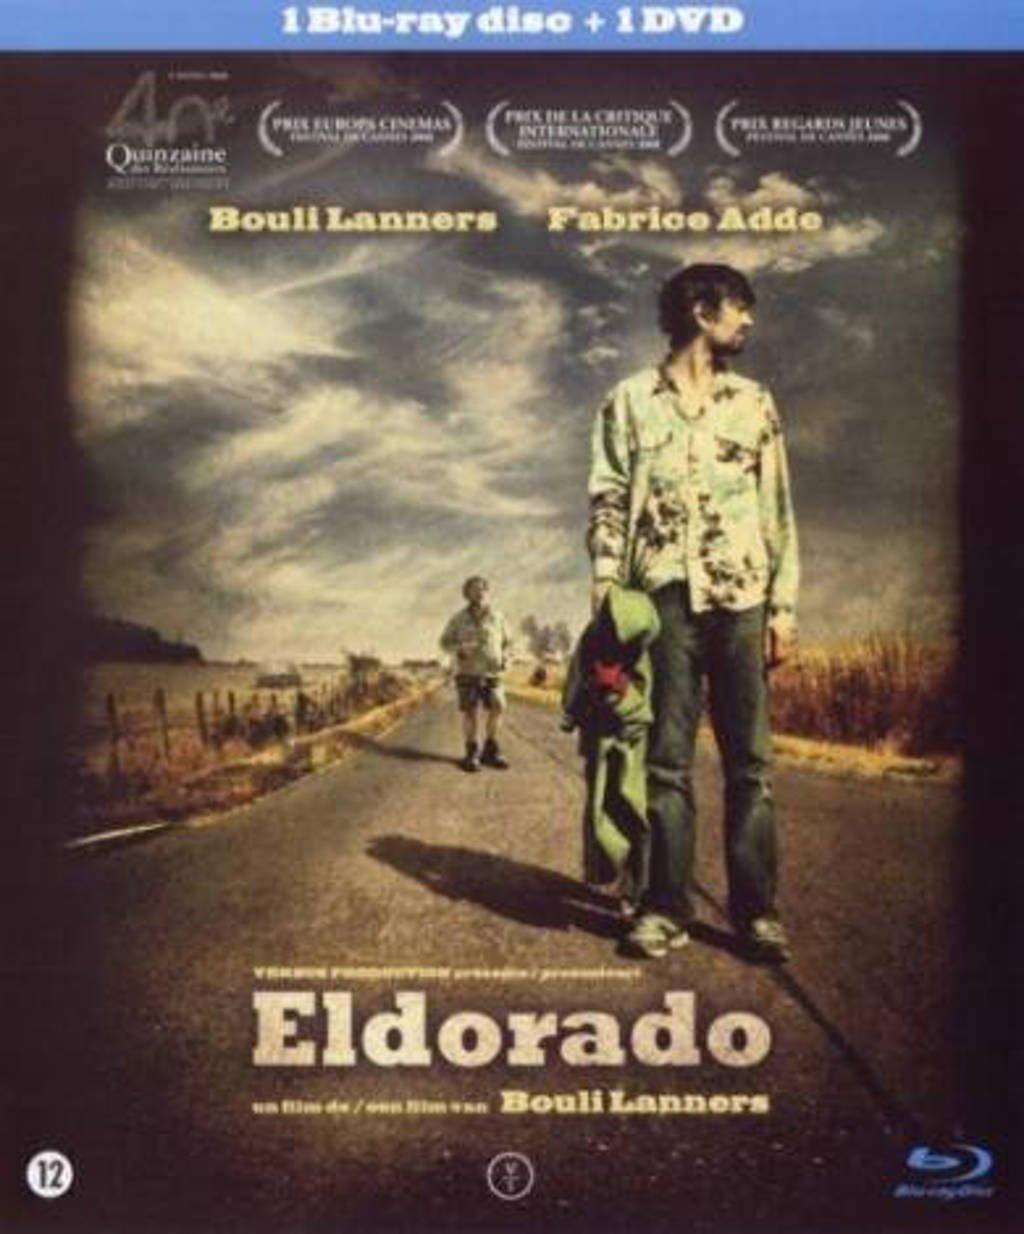 Eldorado (Blu-ray)